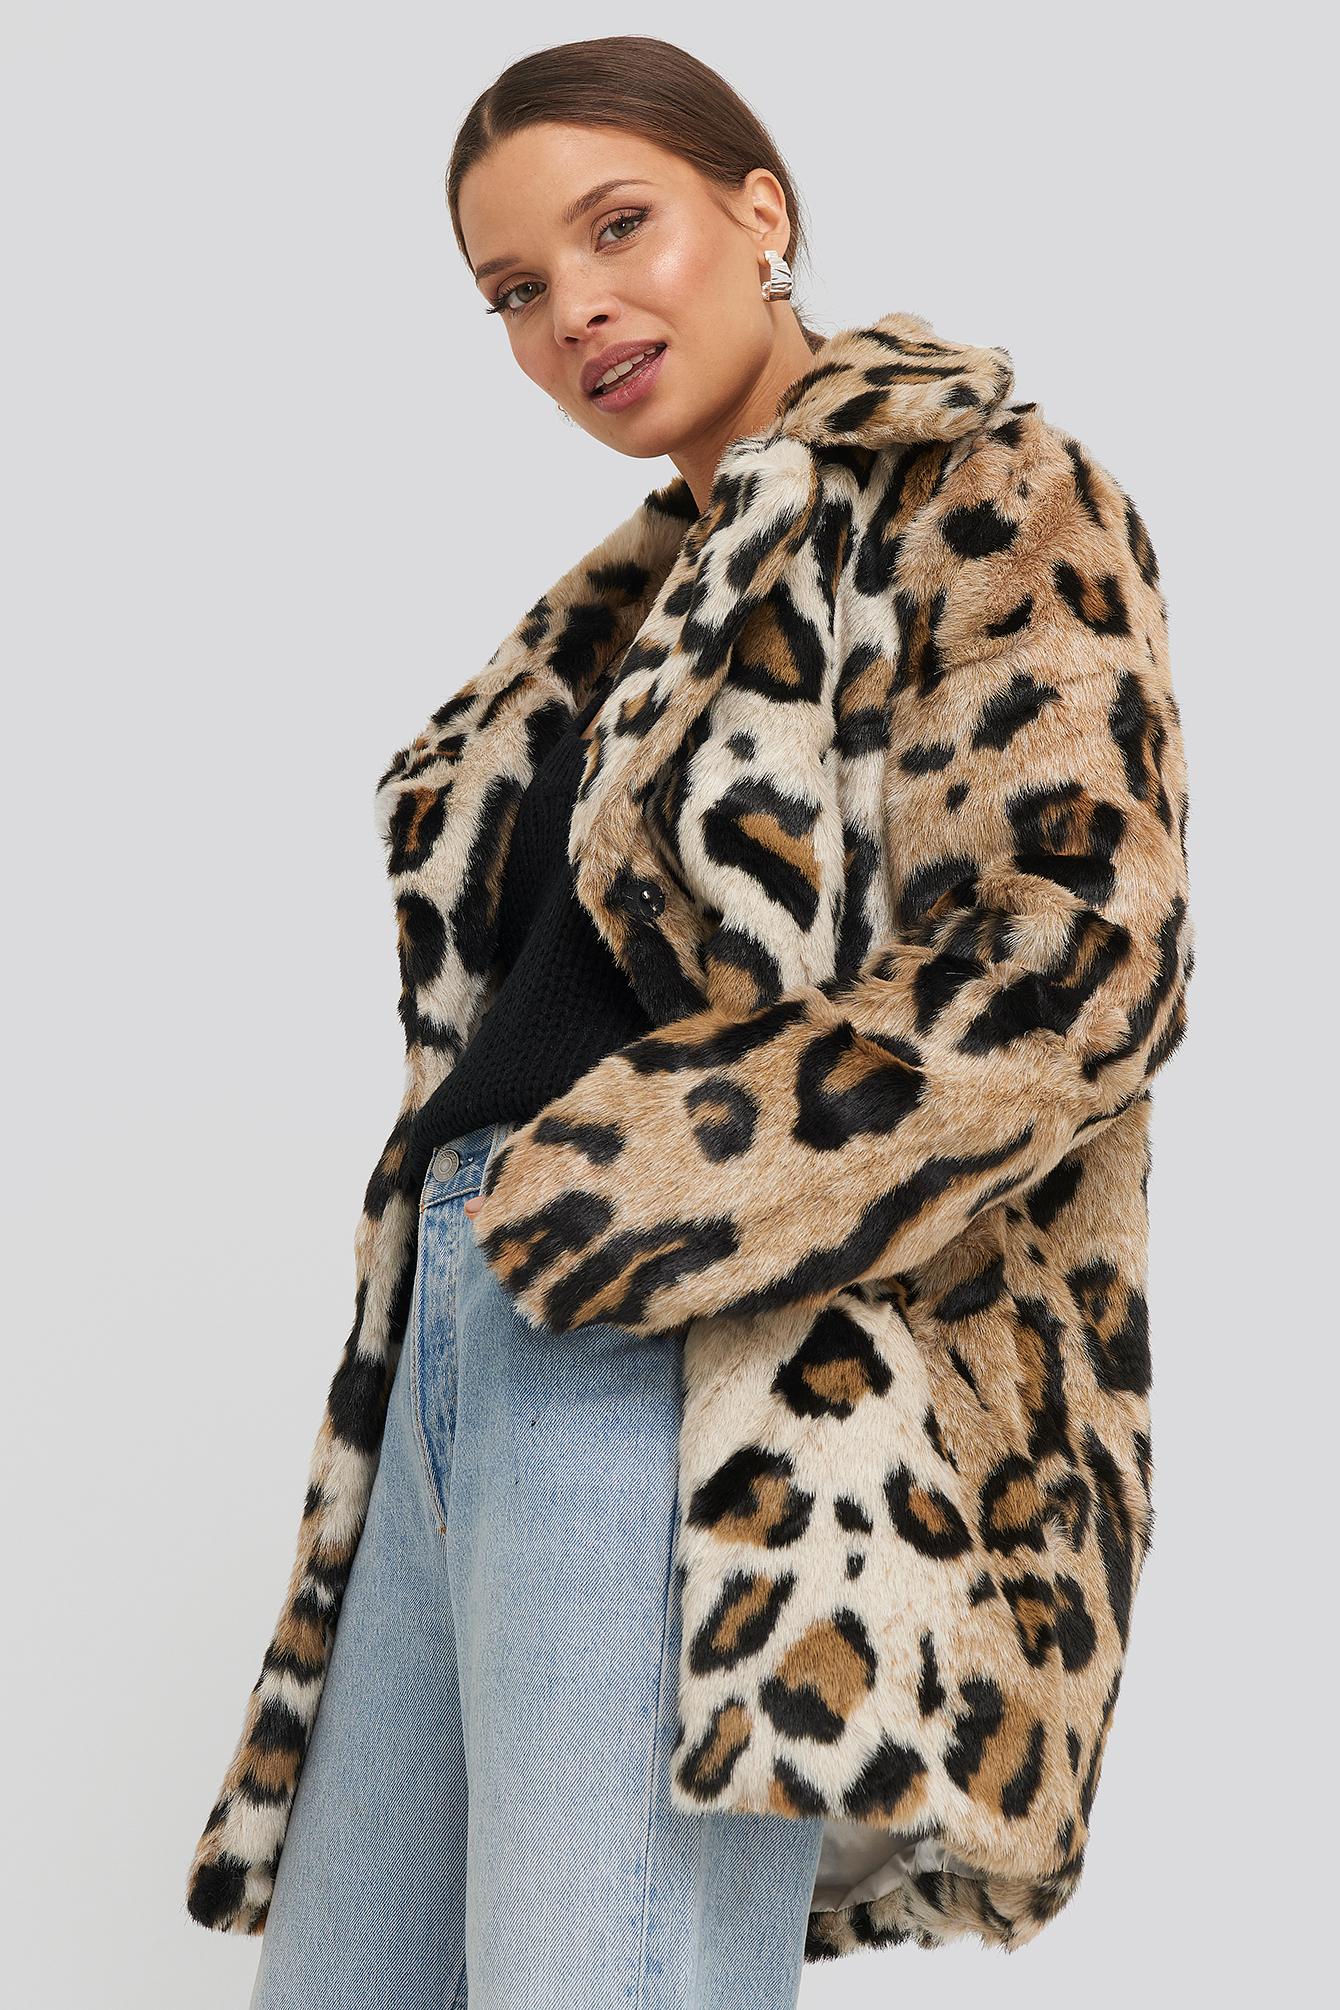 Kurtki i płaszcze damskie – Modne kurtki i płaszcze oferta